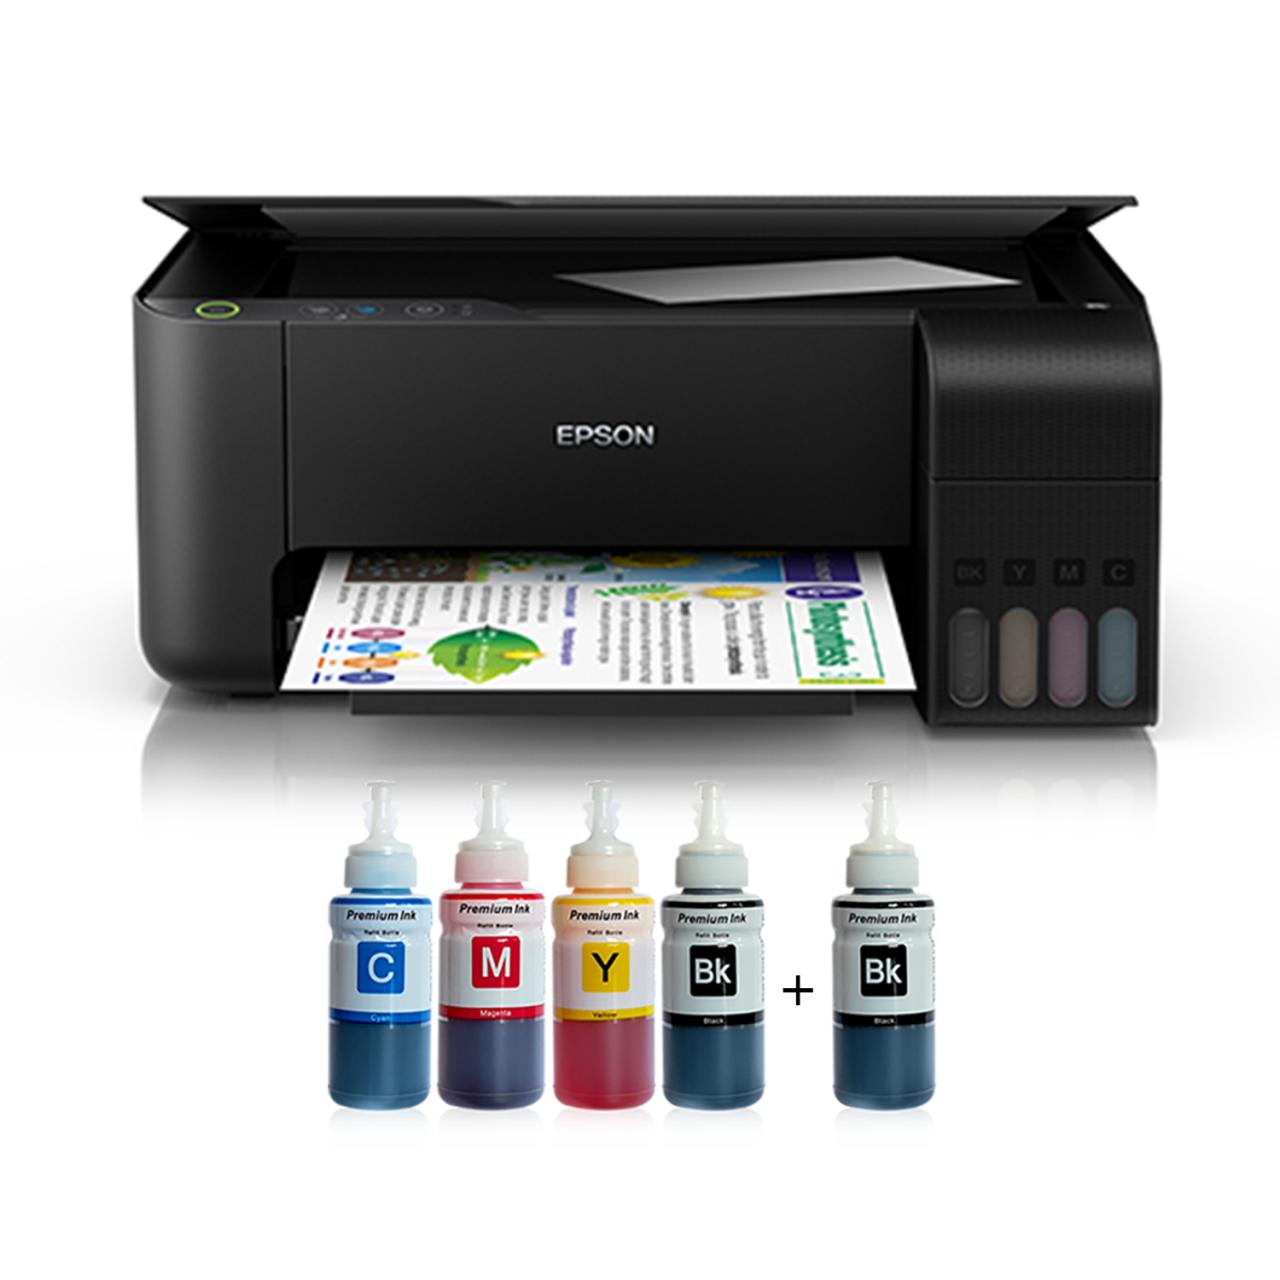 Epson Tanklı L3150 Photoink Mürekkepli Yazıcı 4 Renk Bitmeyen Kartuşlu (Siyah Mürekkep Hediyeli) Epson L3050 Yerine Çıkan Model